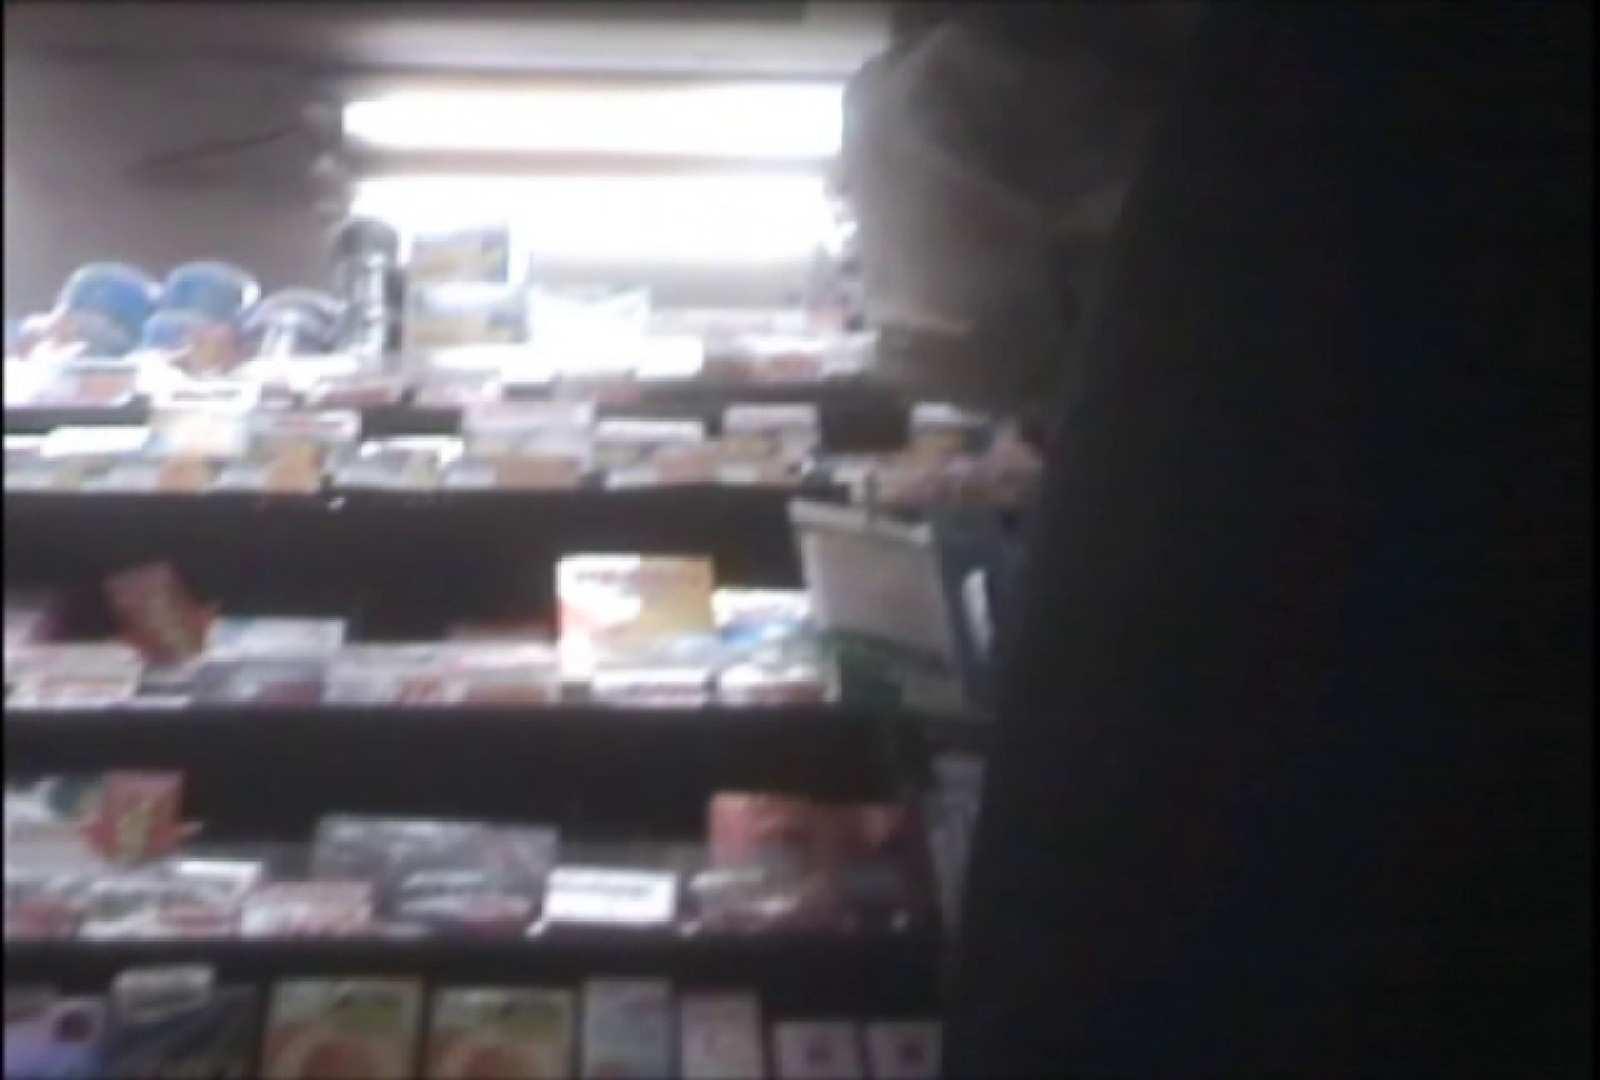 「しん」さんの逆さバイキングVol.5 パンチラ・ギャル オメコ動画キャプチャ 66画像 38